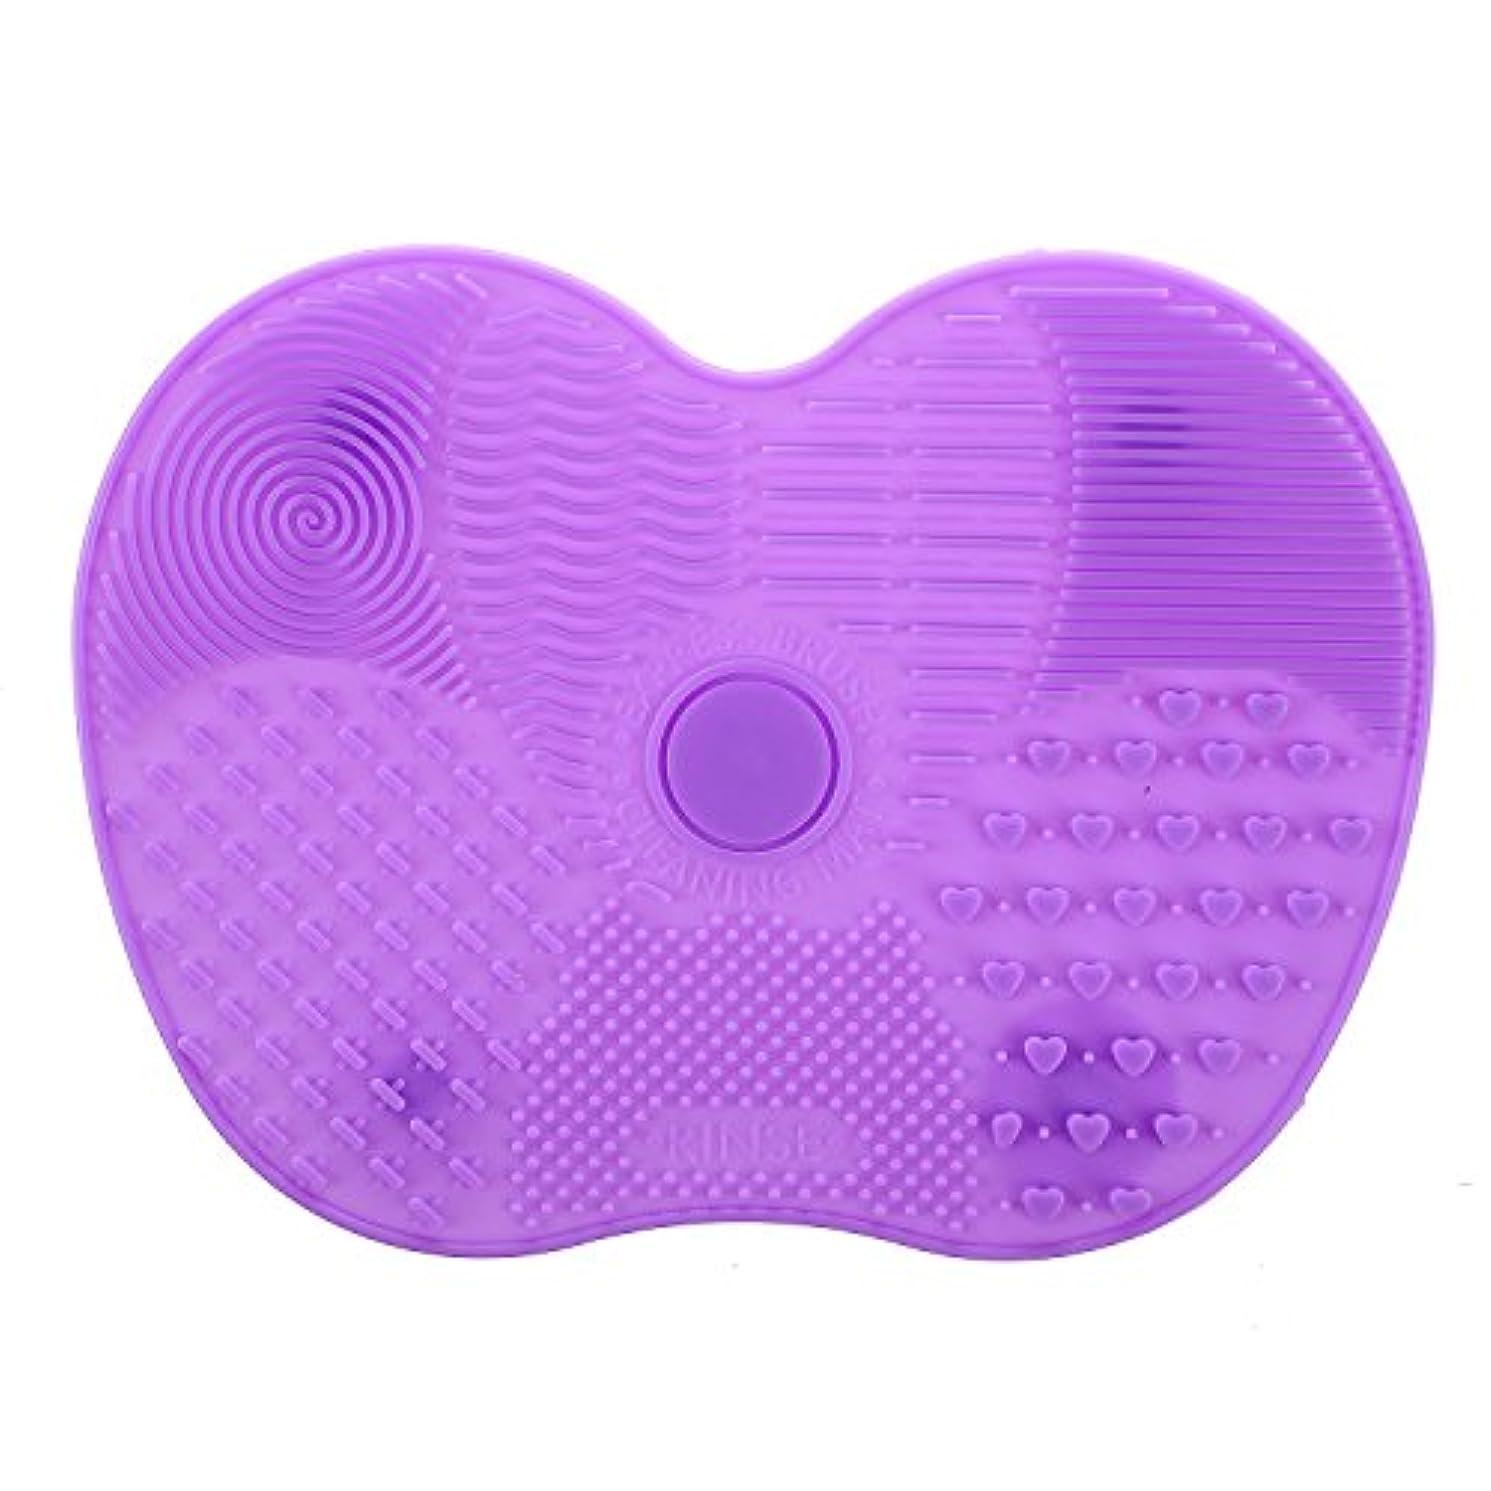 ワイド知り合い染色Gaoominy 1個のシリコーンメイクアップブラシクリーナーパッドスクラバーボードクリーニングマットハンドツールパープル